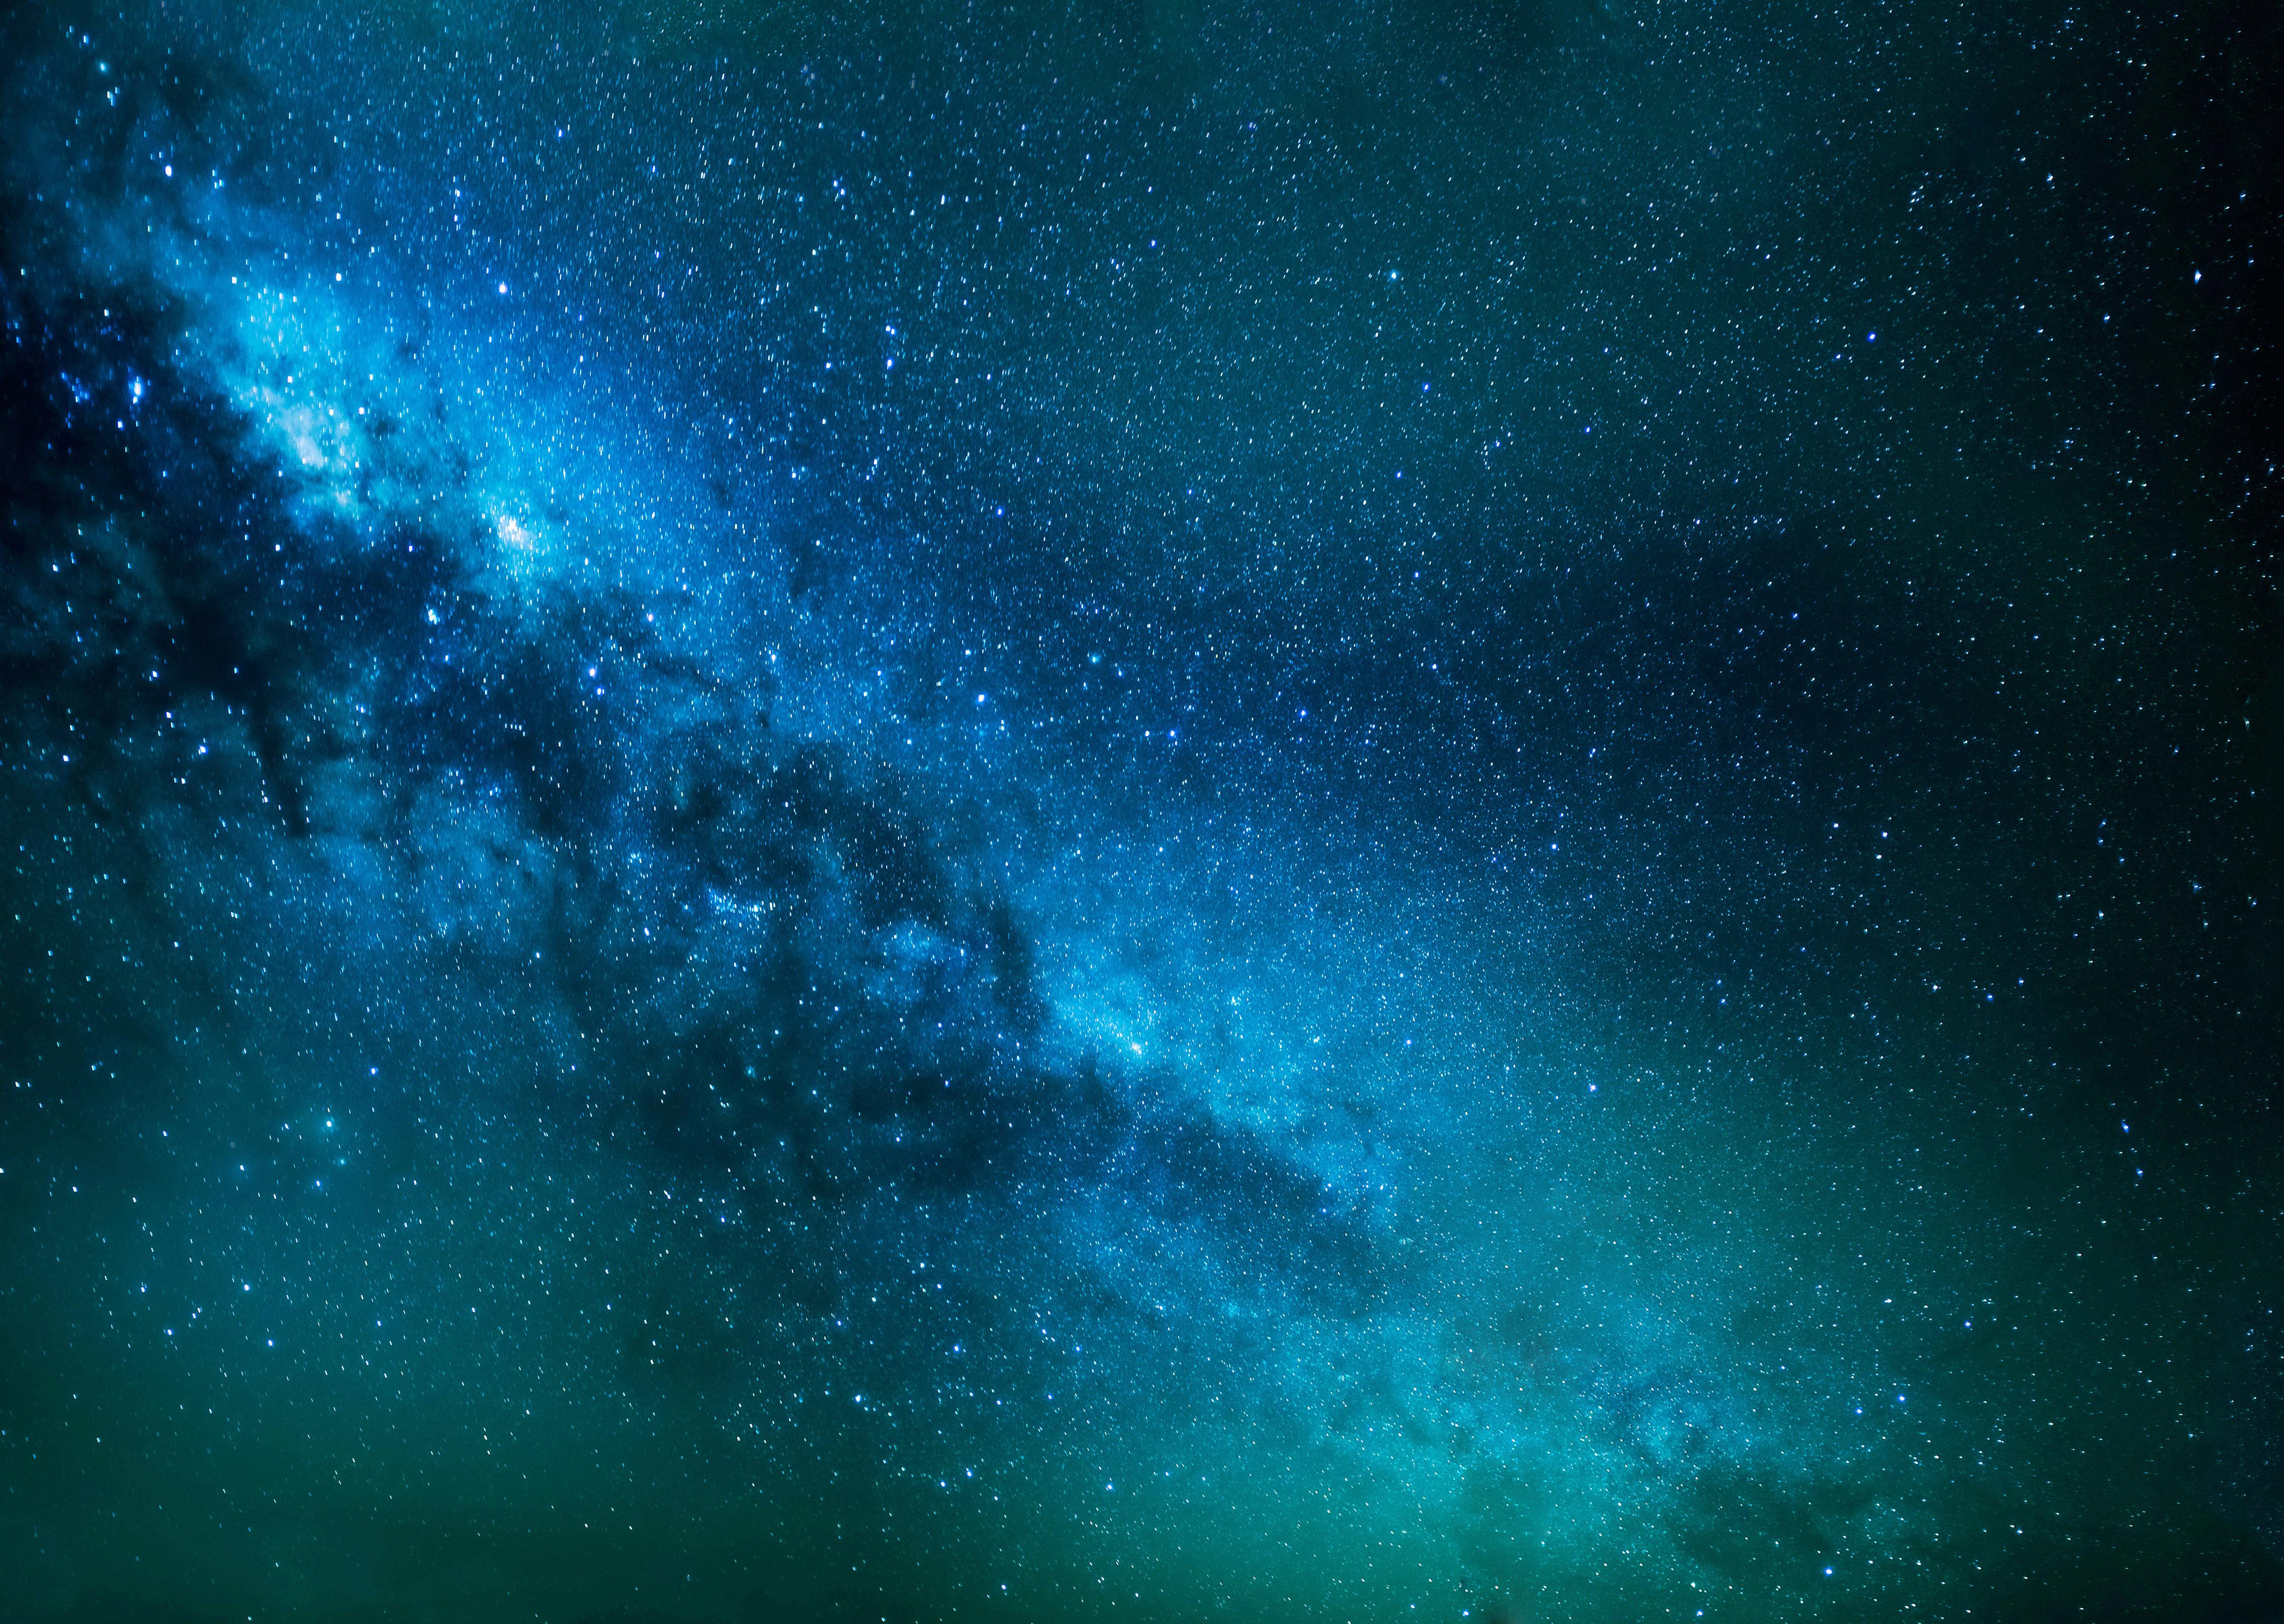 Nebula 4k Ultra Hd Wallpaper Background Image 4500x3200 Id